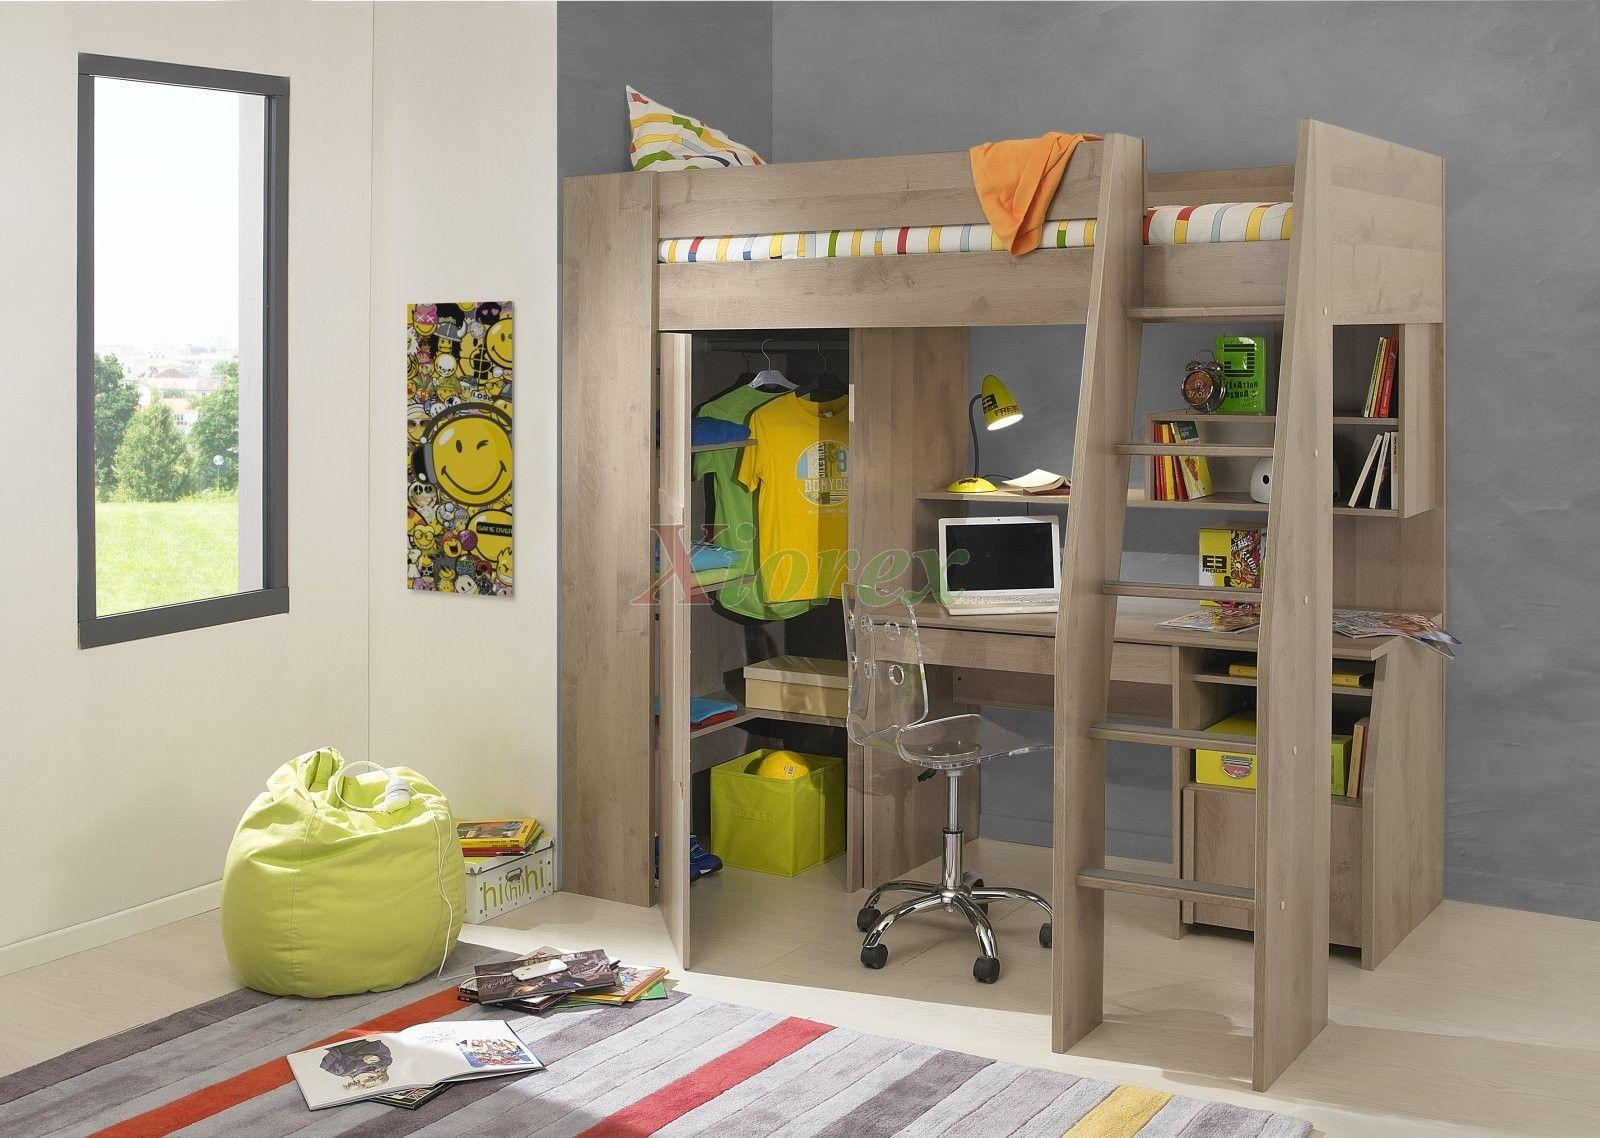 timber kids loft bunk beds with desk closet   gautier gami furniture timber kids loft bunk beds with desk closet   gautier gami      rh   pinterest